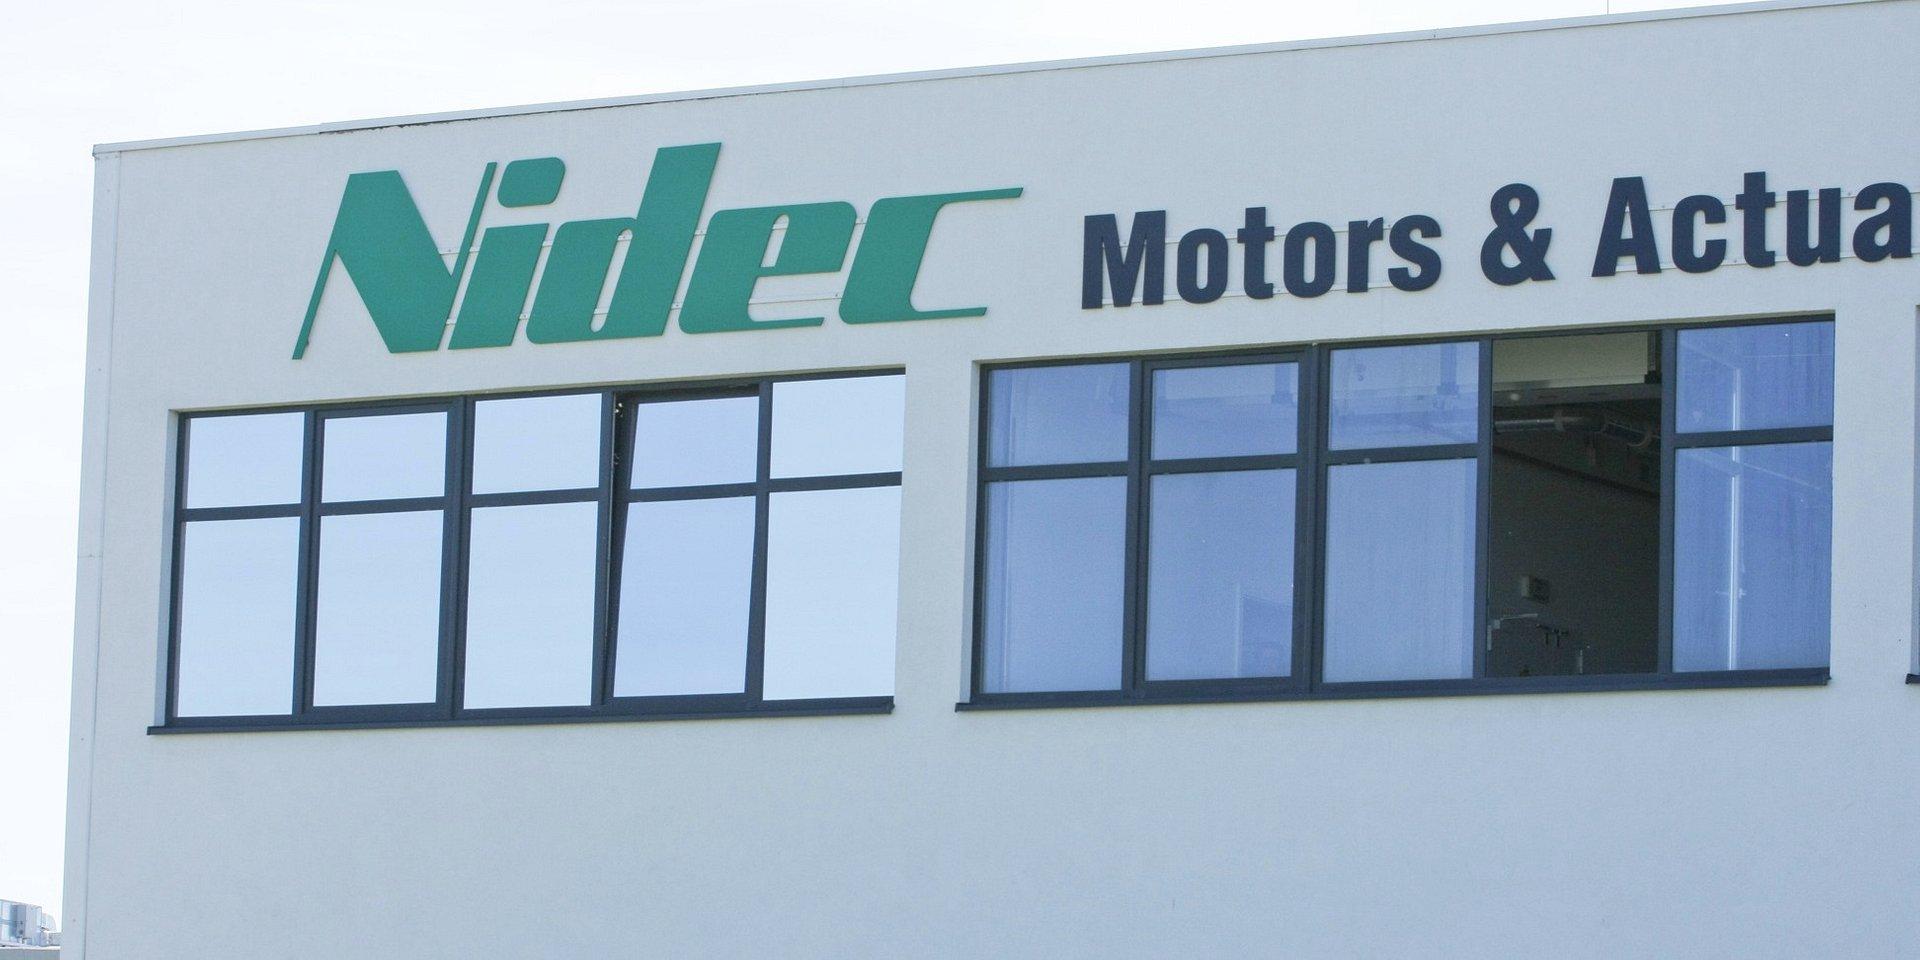 Nidec Motors & Actuators rozwija działalność w Małopolsce